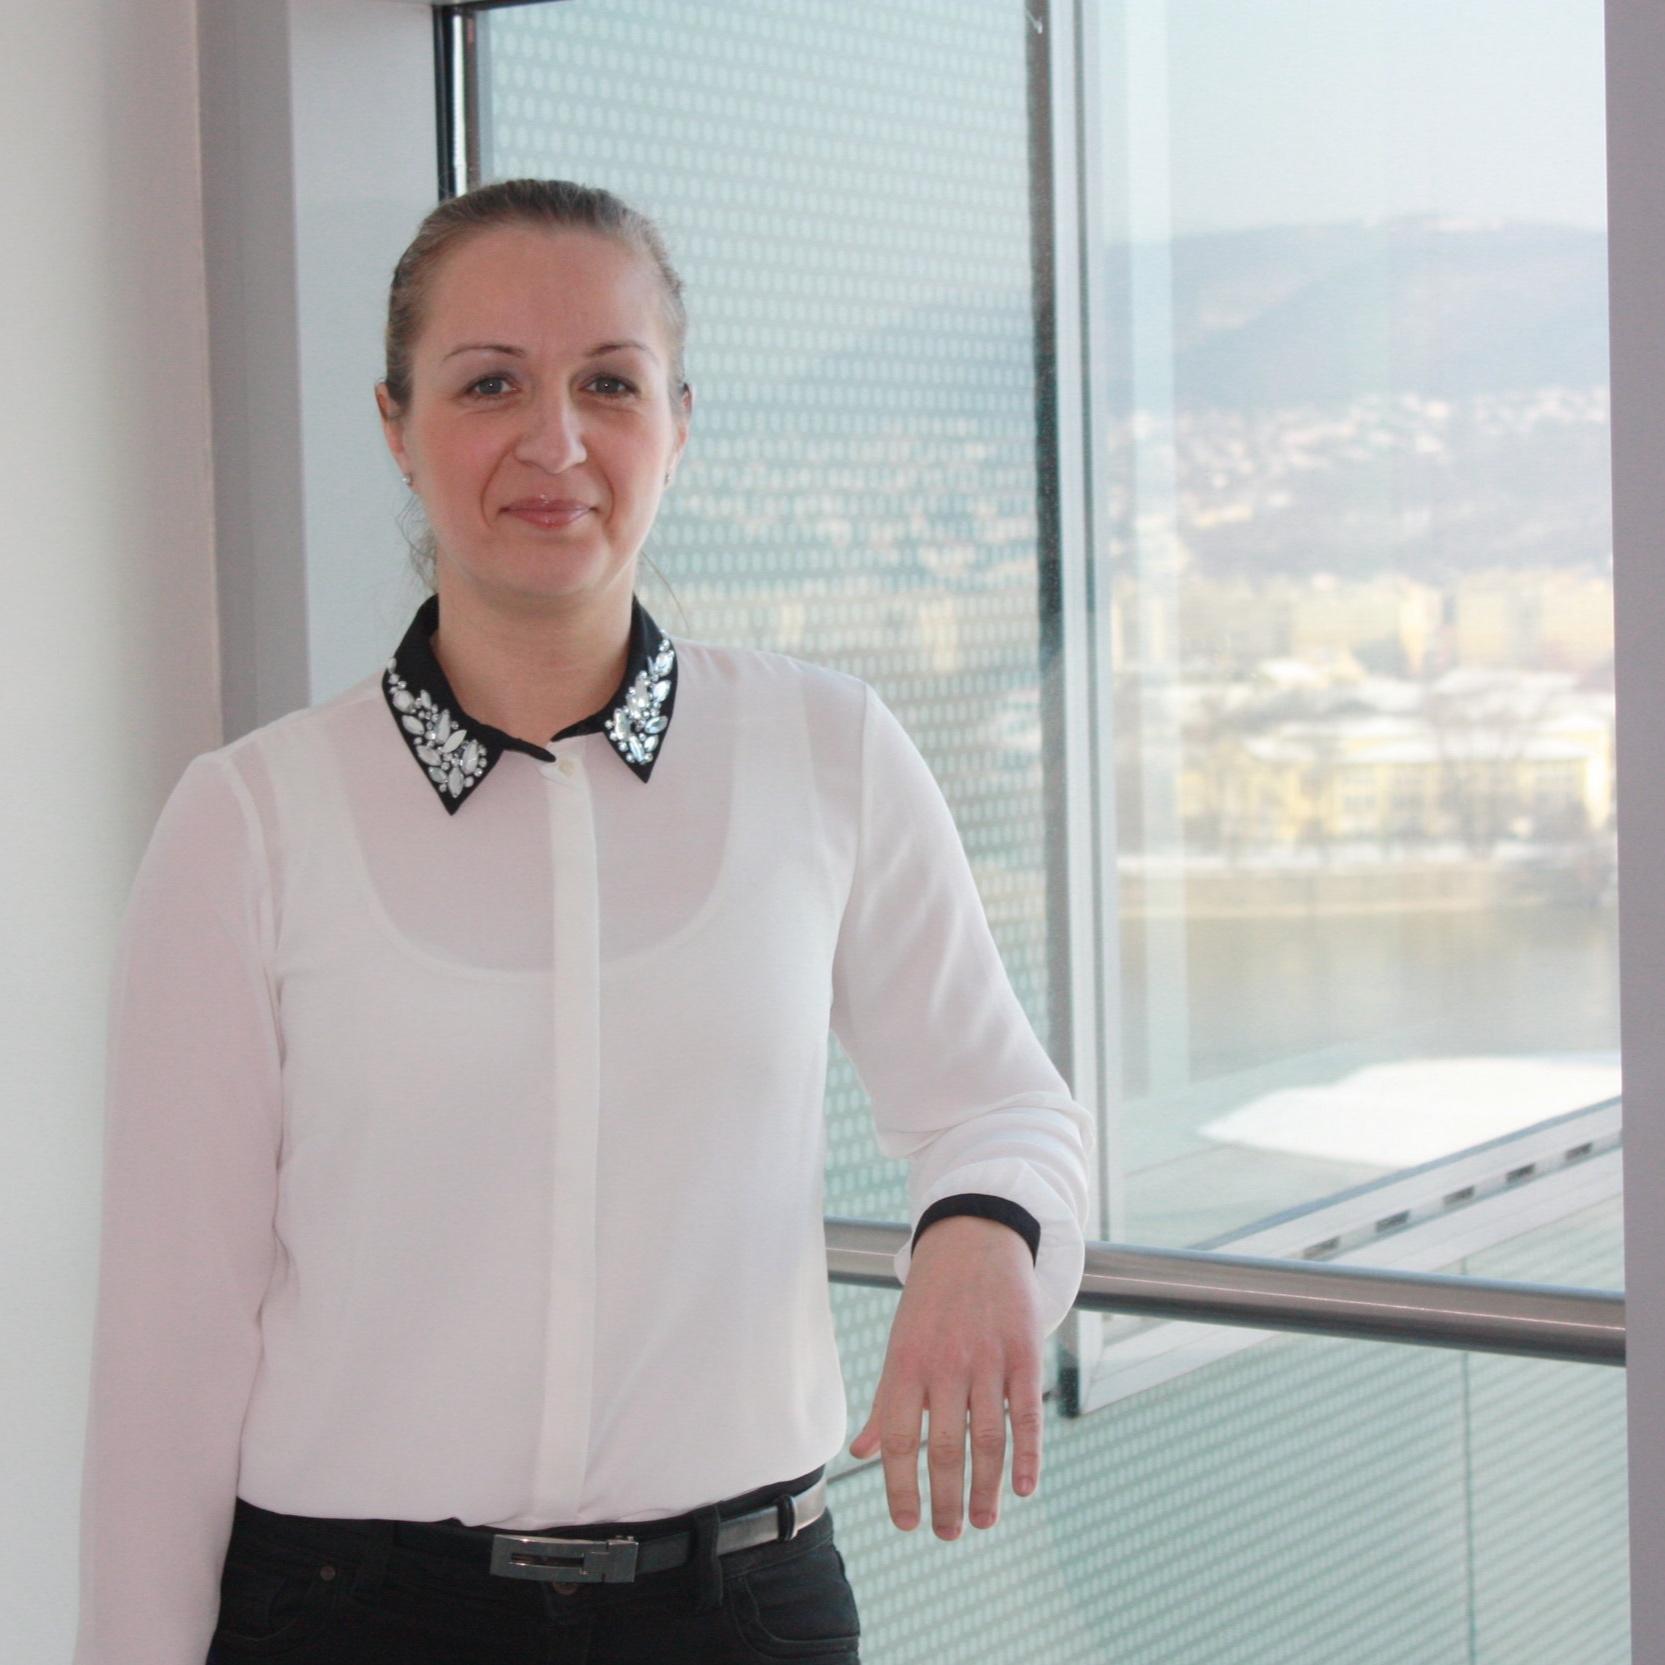 Szalay Orsolya  Erste Social Banking vezető / Head of Erste Social Banking  Erste Bank